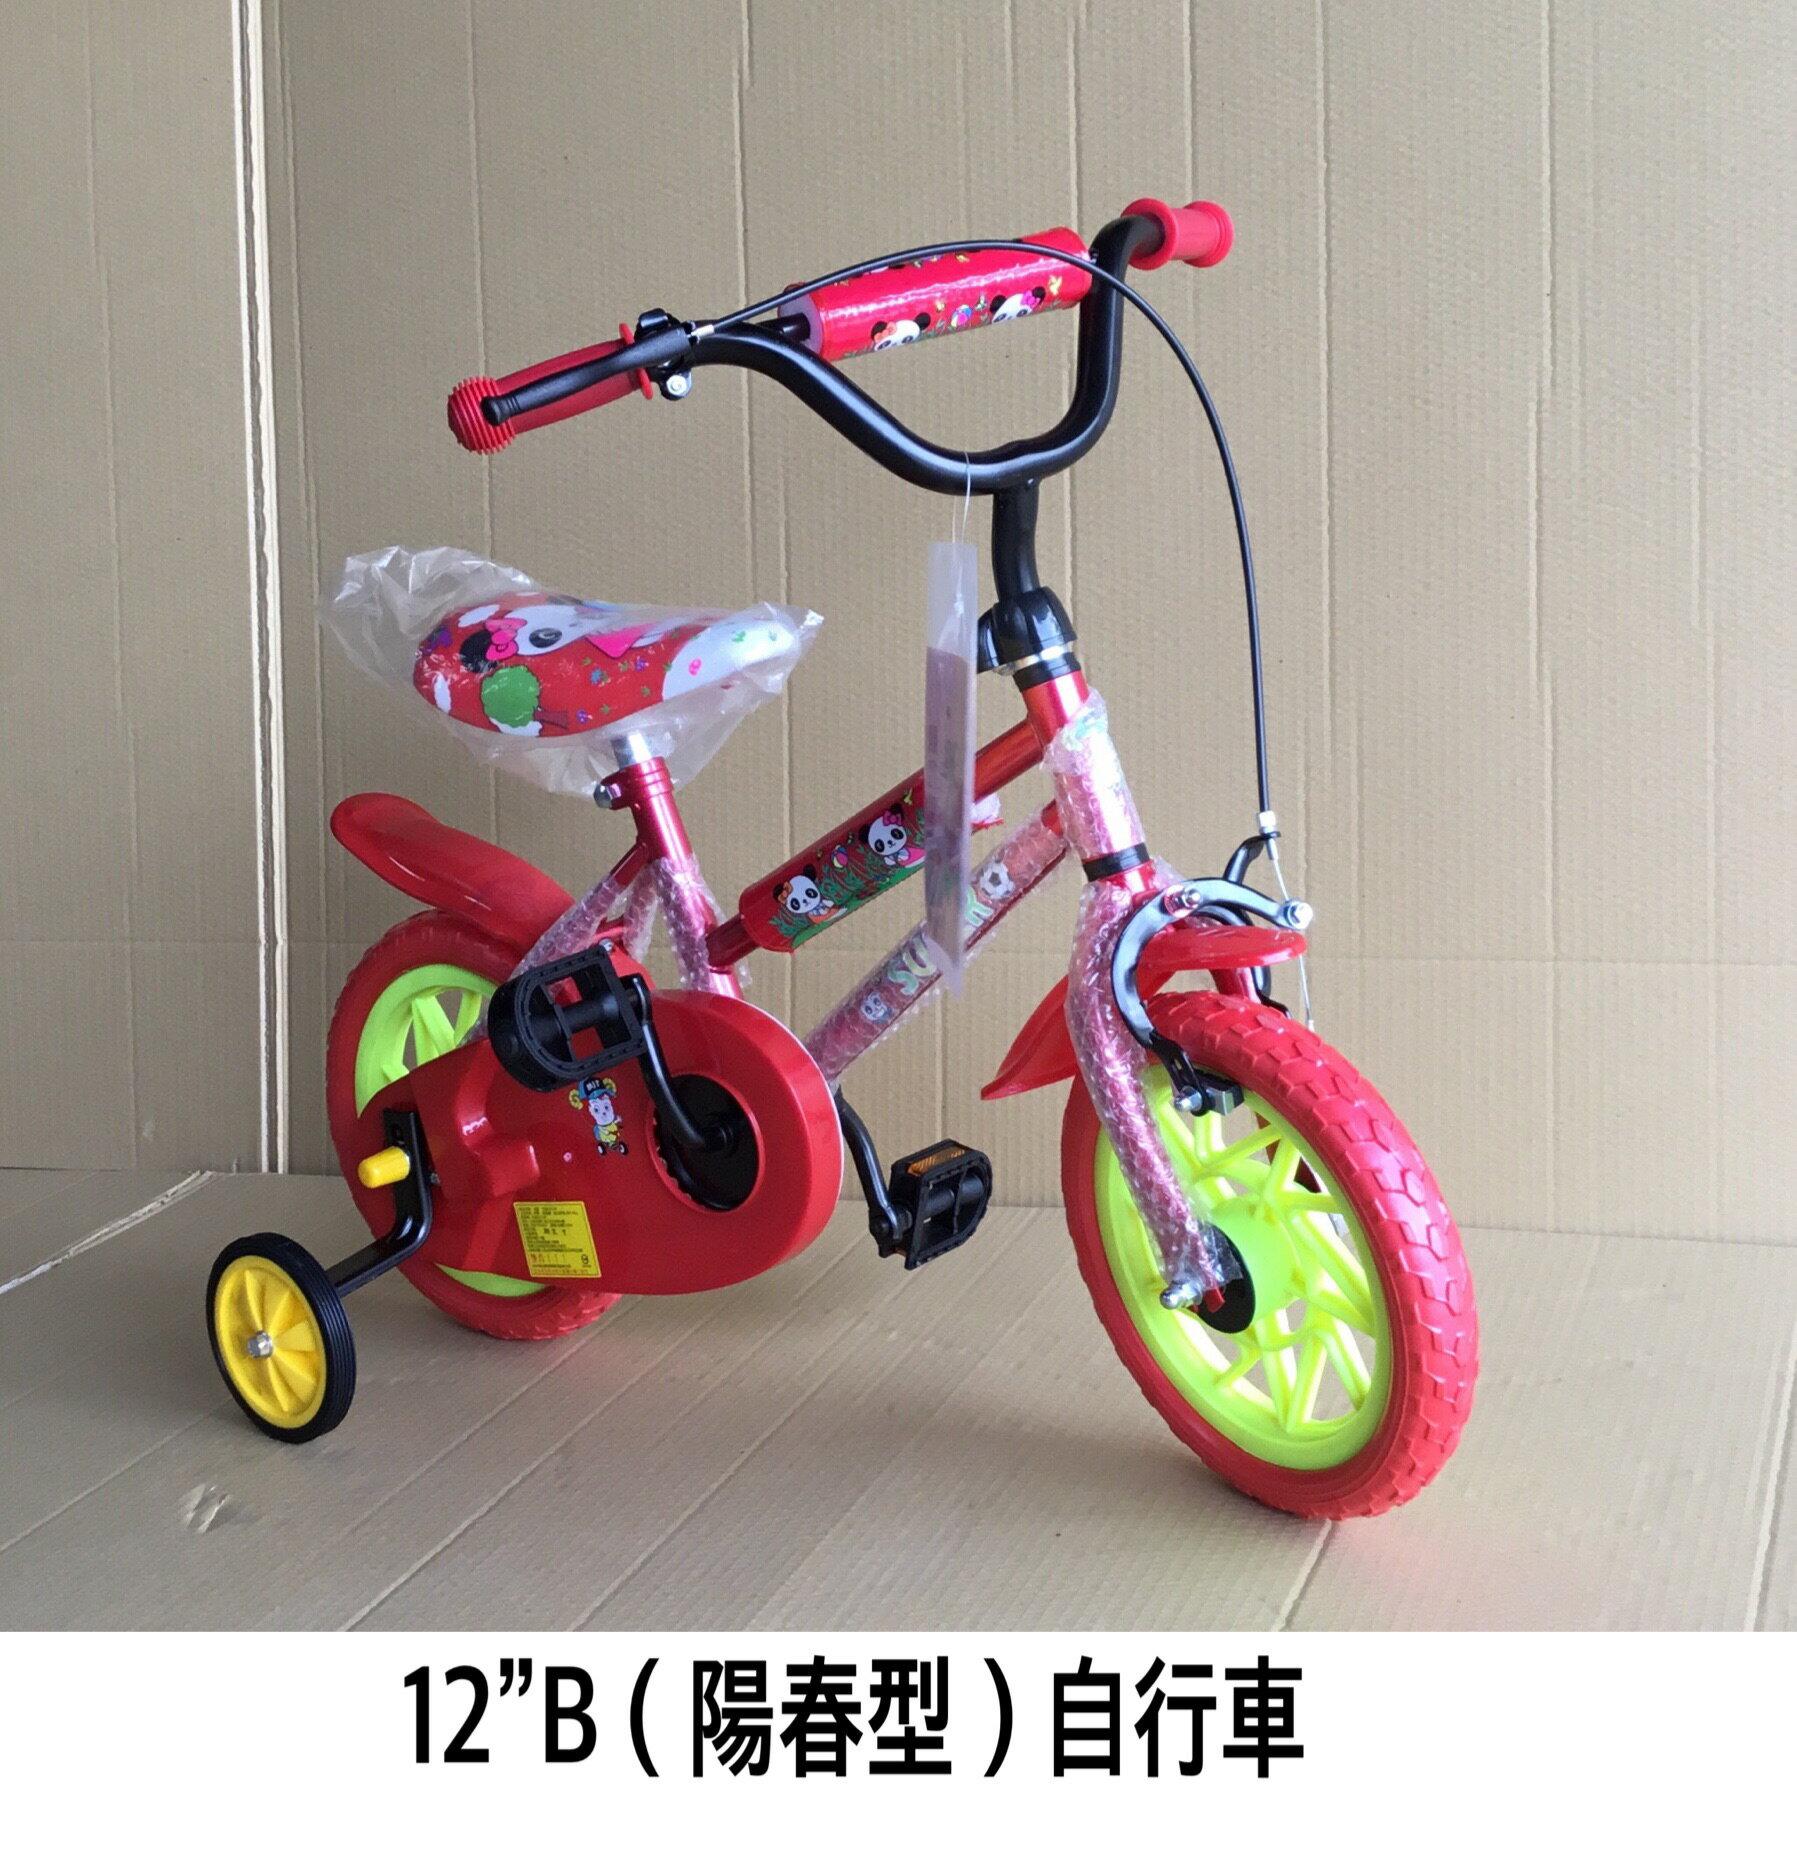 麗嬰兒童玩具館~台灣國產-傳統復古耐用的12吋幼兒專用腳踏車/三輪車-有輔助輪